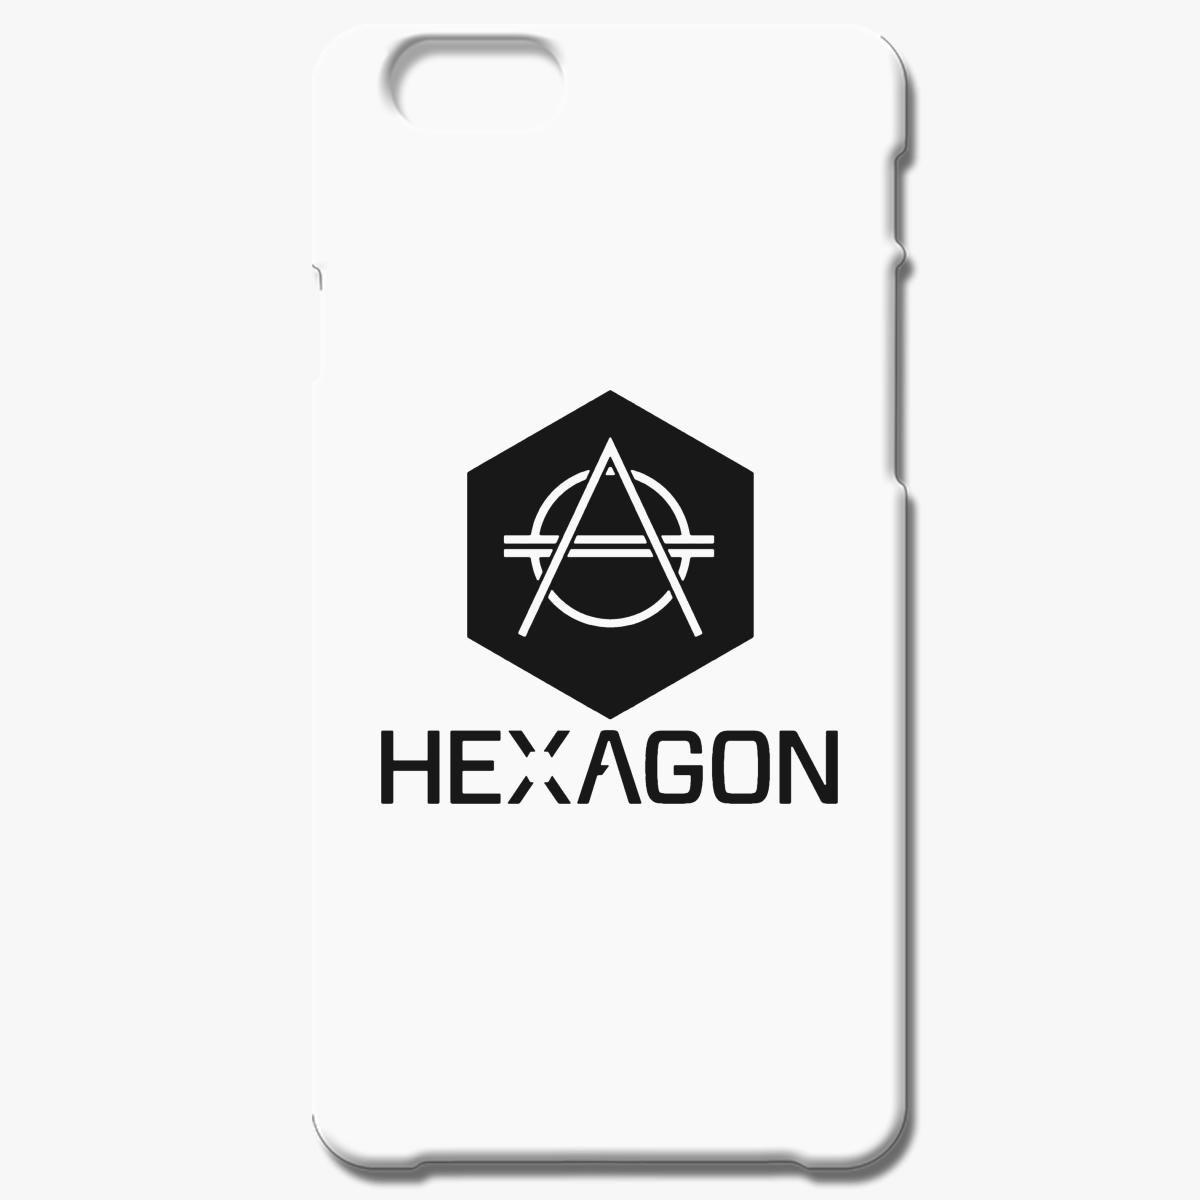 Hexagon Don Diablo Iphone 6 6s Case